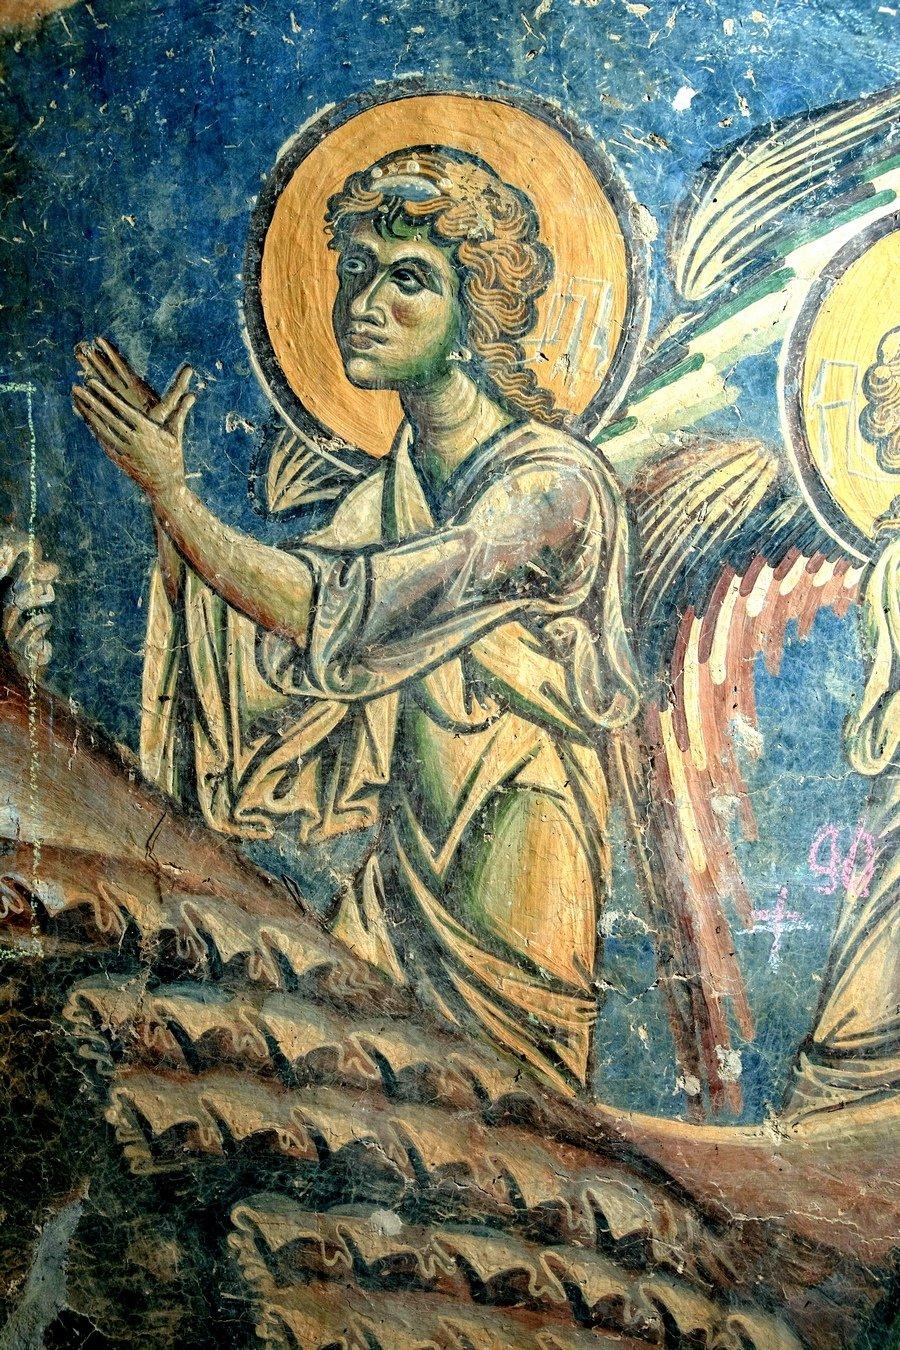 Ангел Господень. Фрагмент фрески церкви Святого Георгия в Курбиново, Македония. 1191 год.